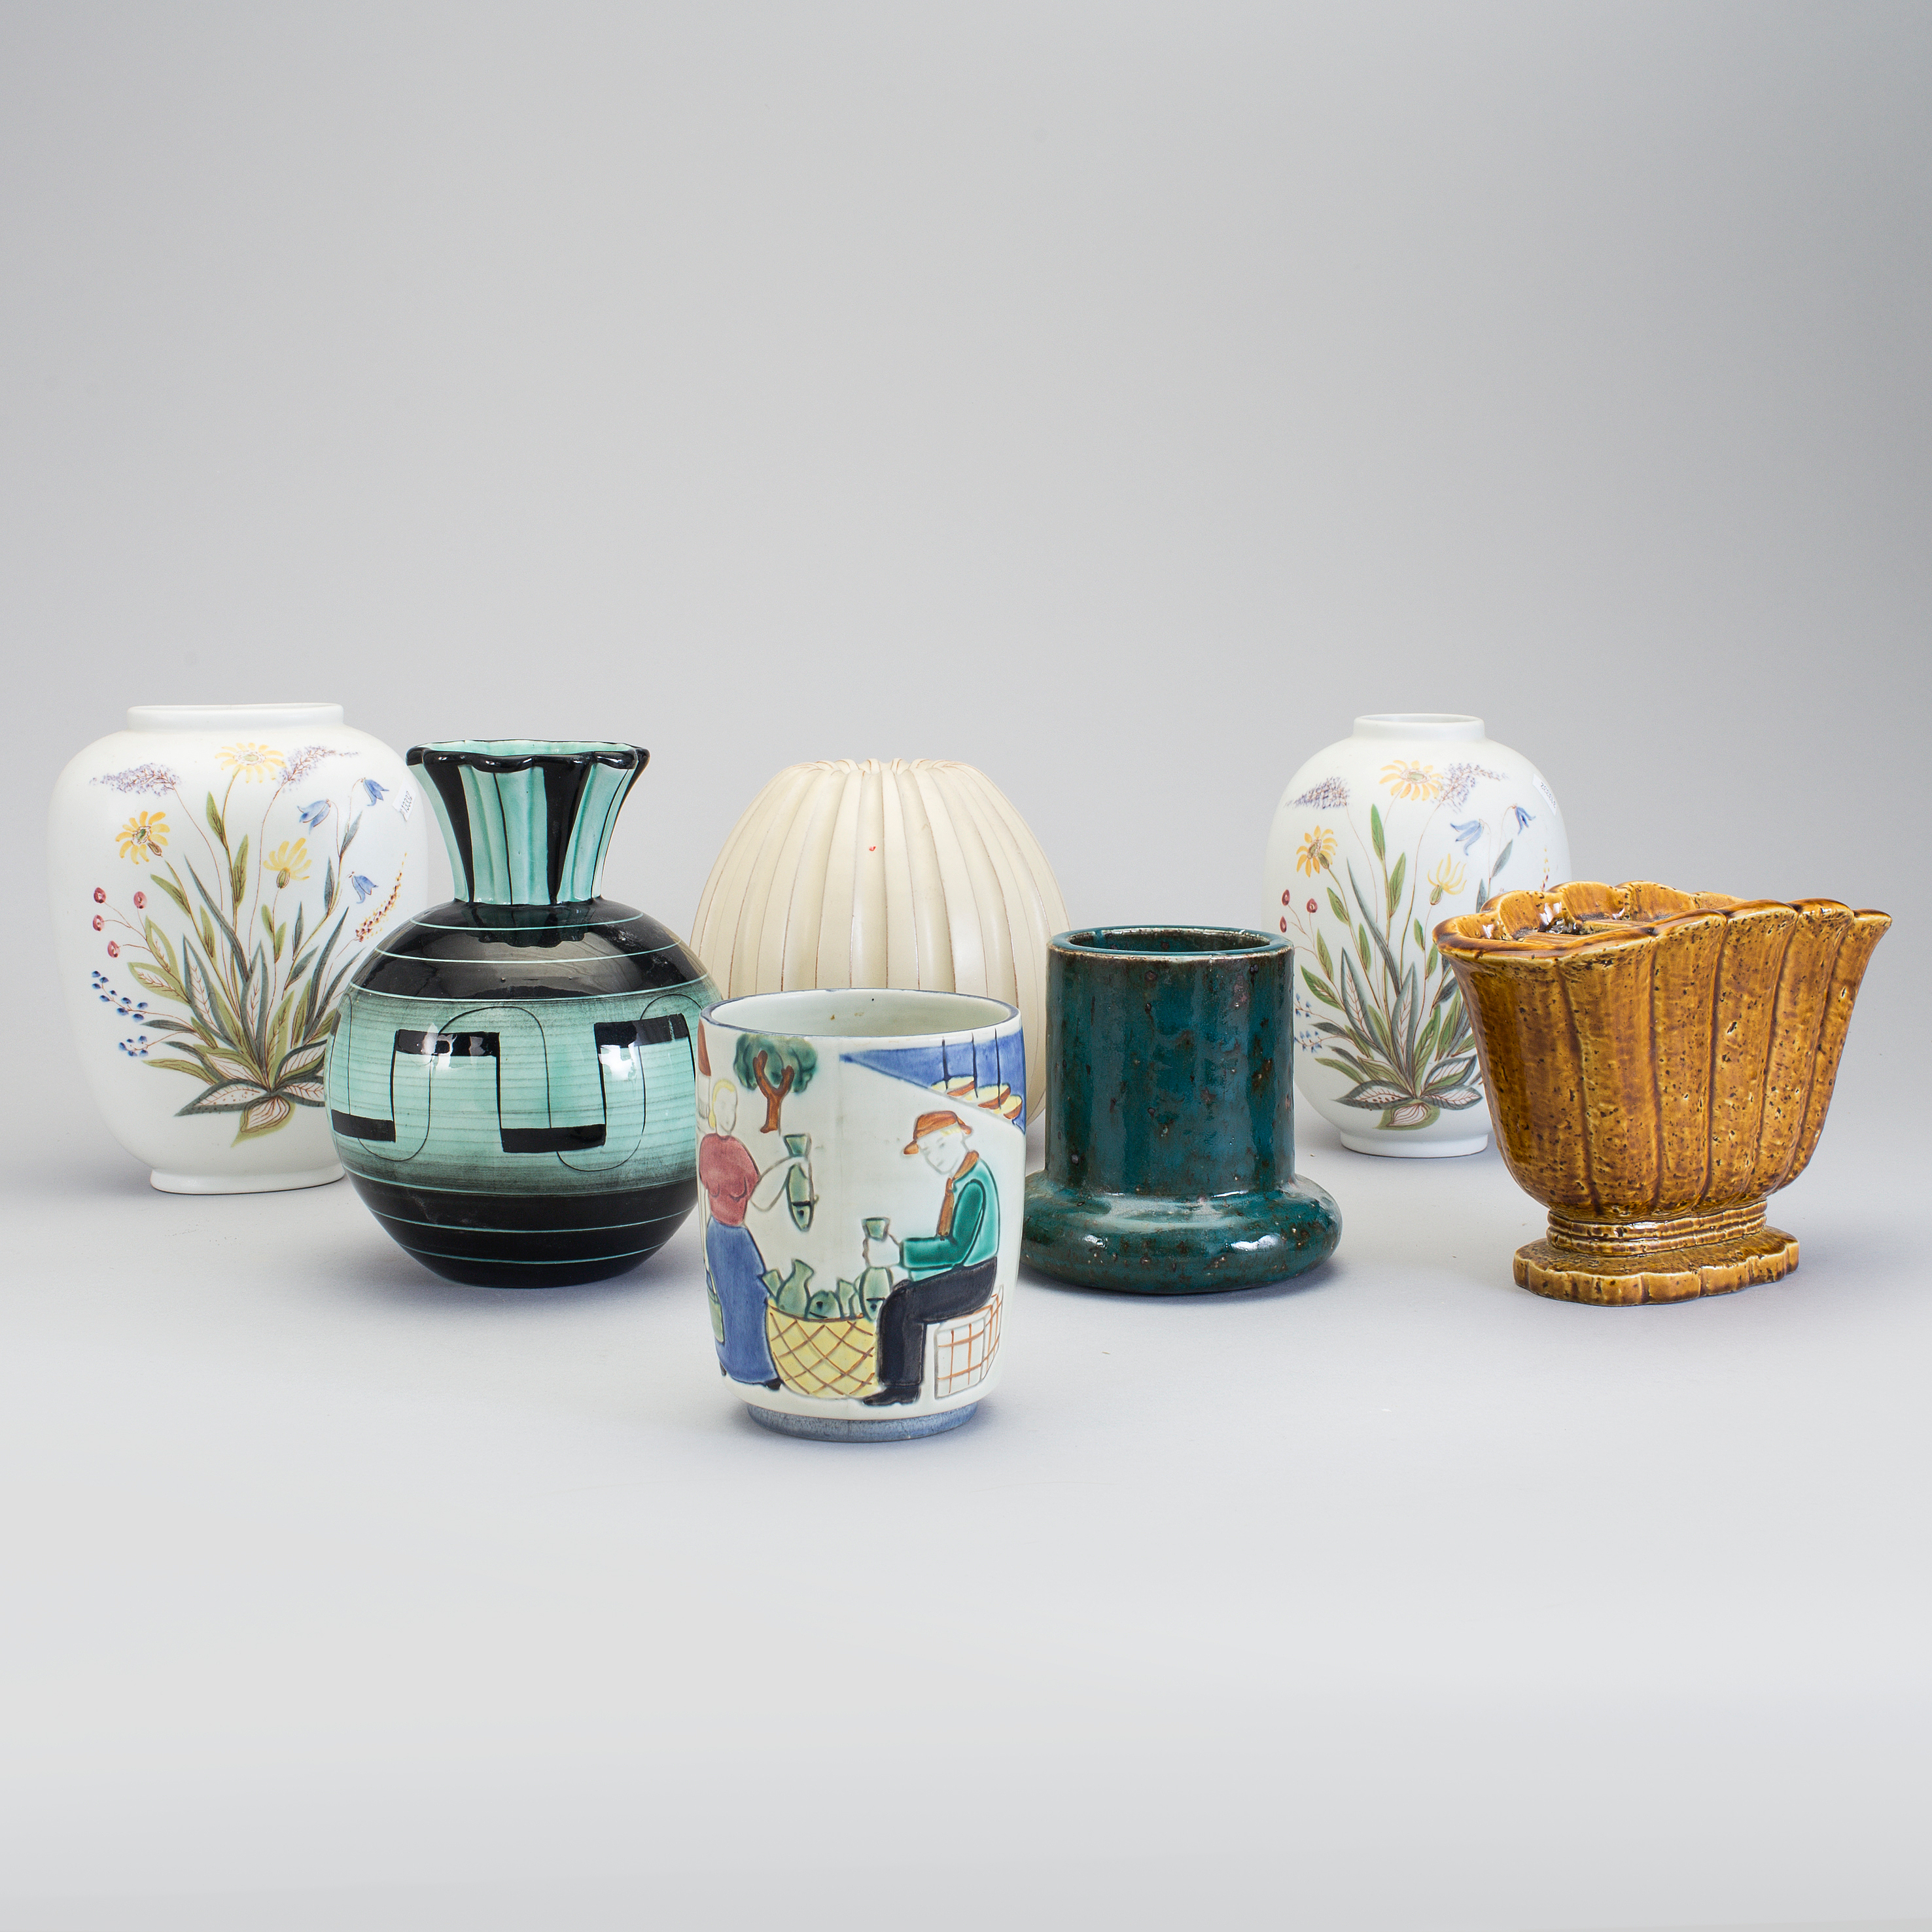 svensk keramik SAMLING SVENSK KERAMIK, 7 delar, bla Ilse Claesson och Gunnar  svensk keramik